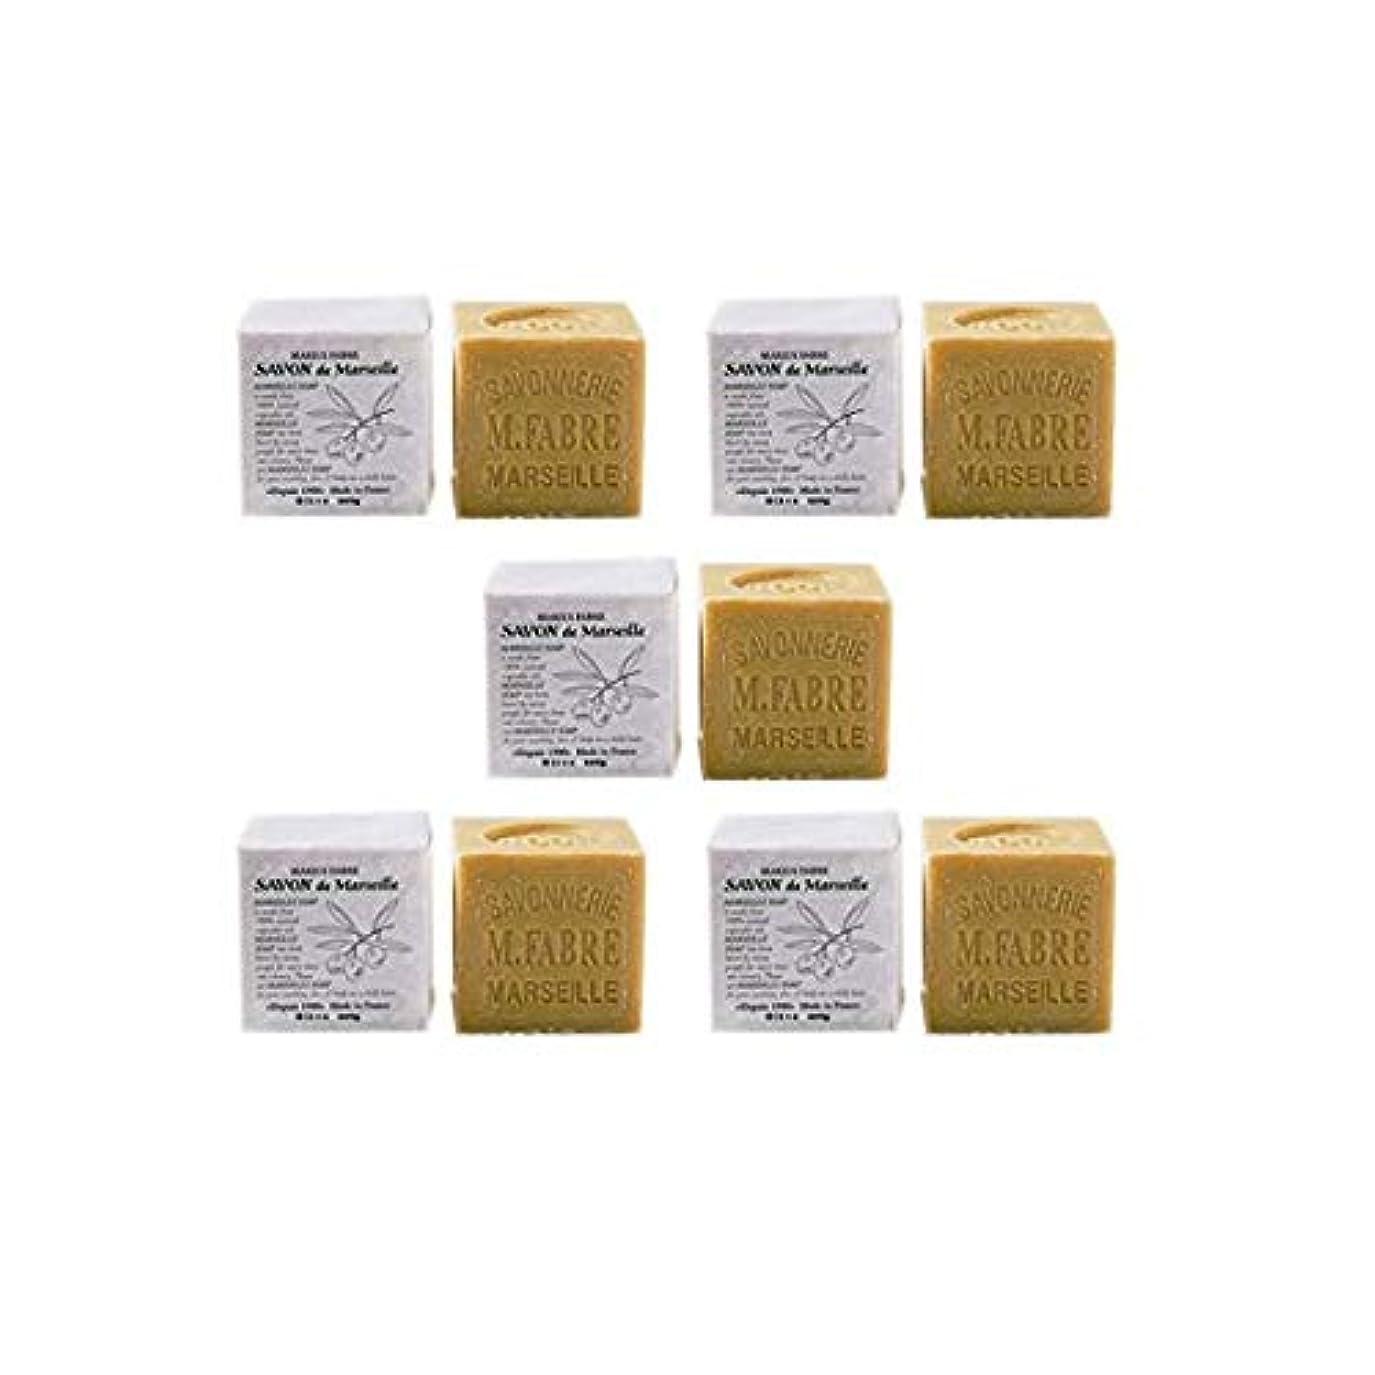 カストディアンボウリングソーダ水マリウスファーブルジューン サボンドマルセイユ無香料200gオリーブN 5個セット(200g×5個)無添加オリーブ石鹸